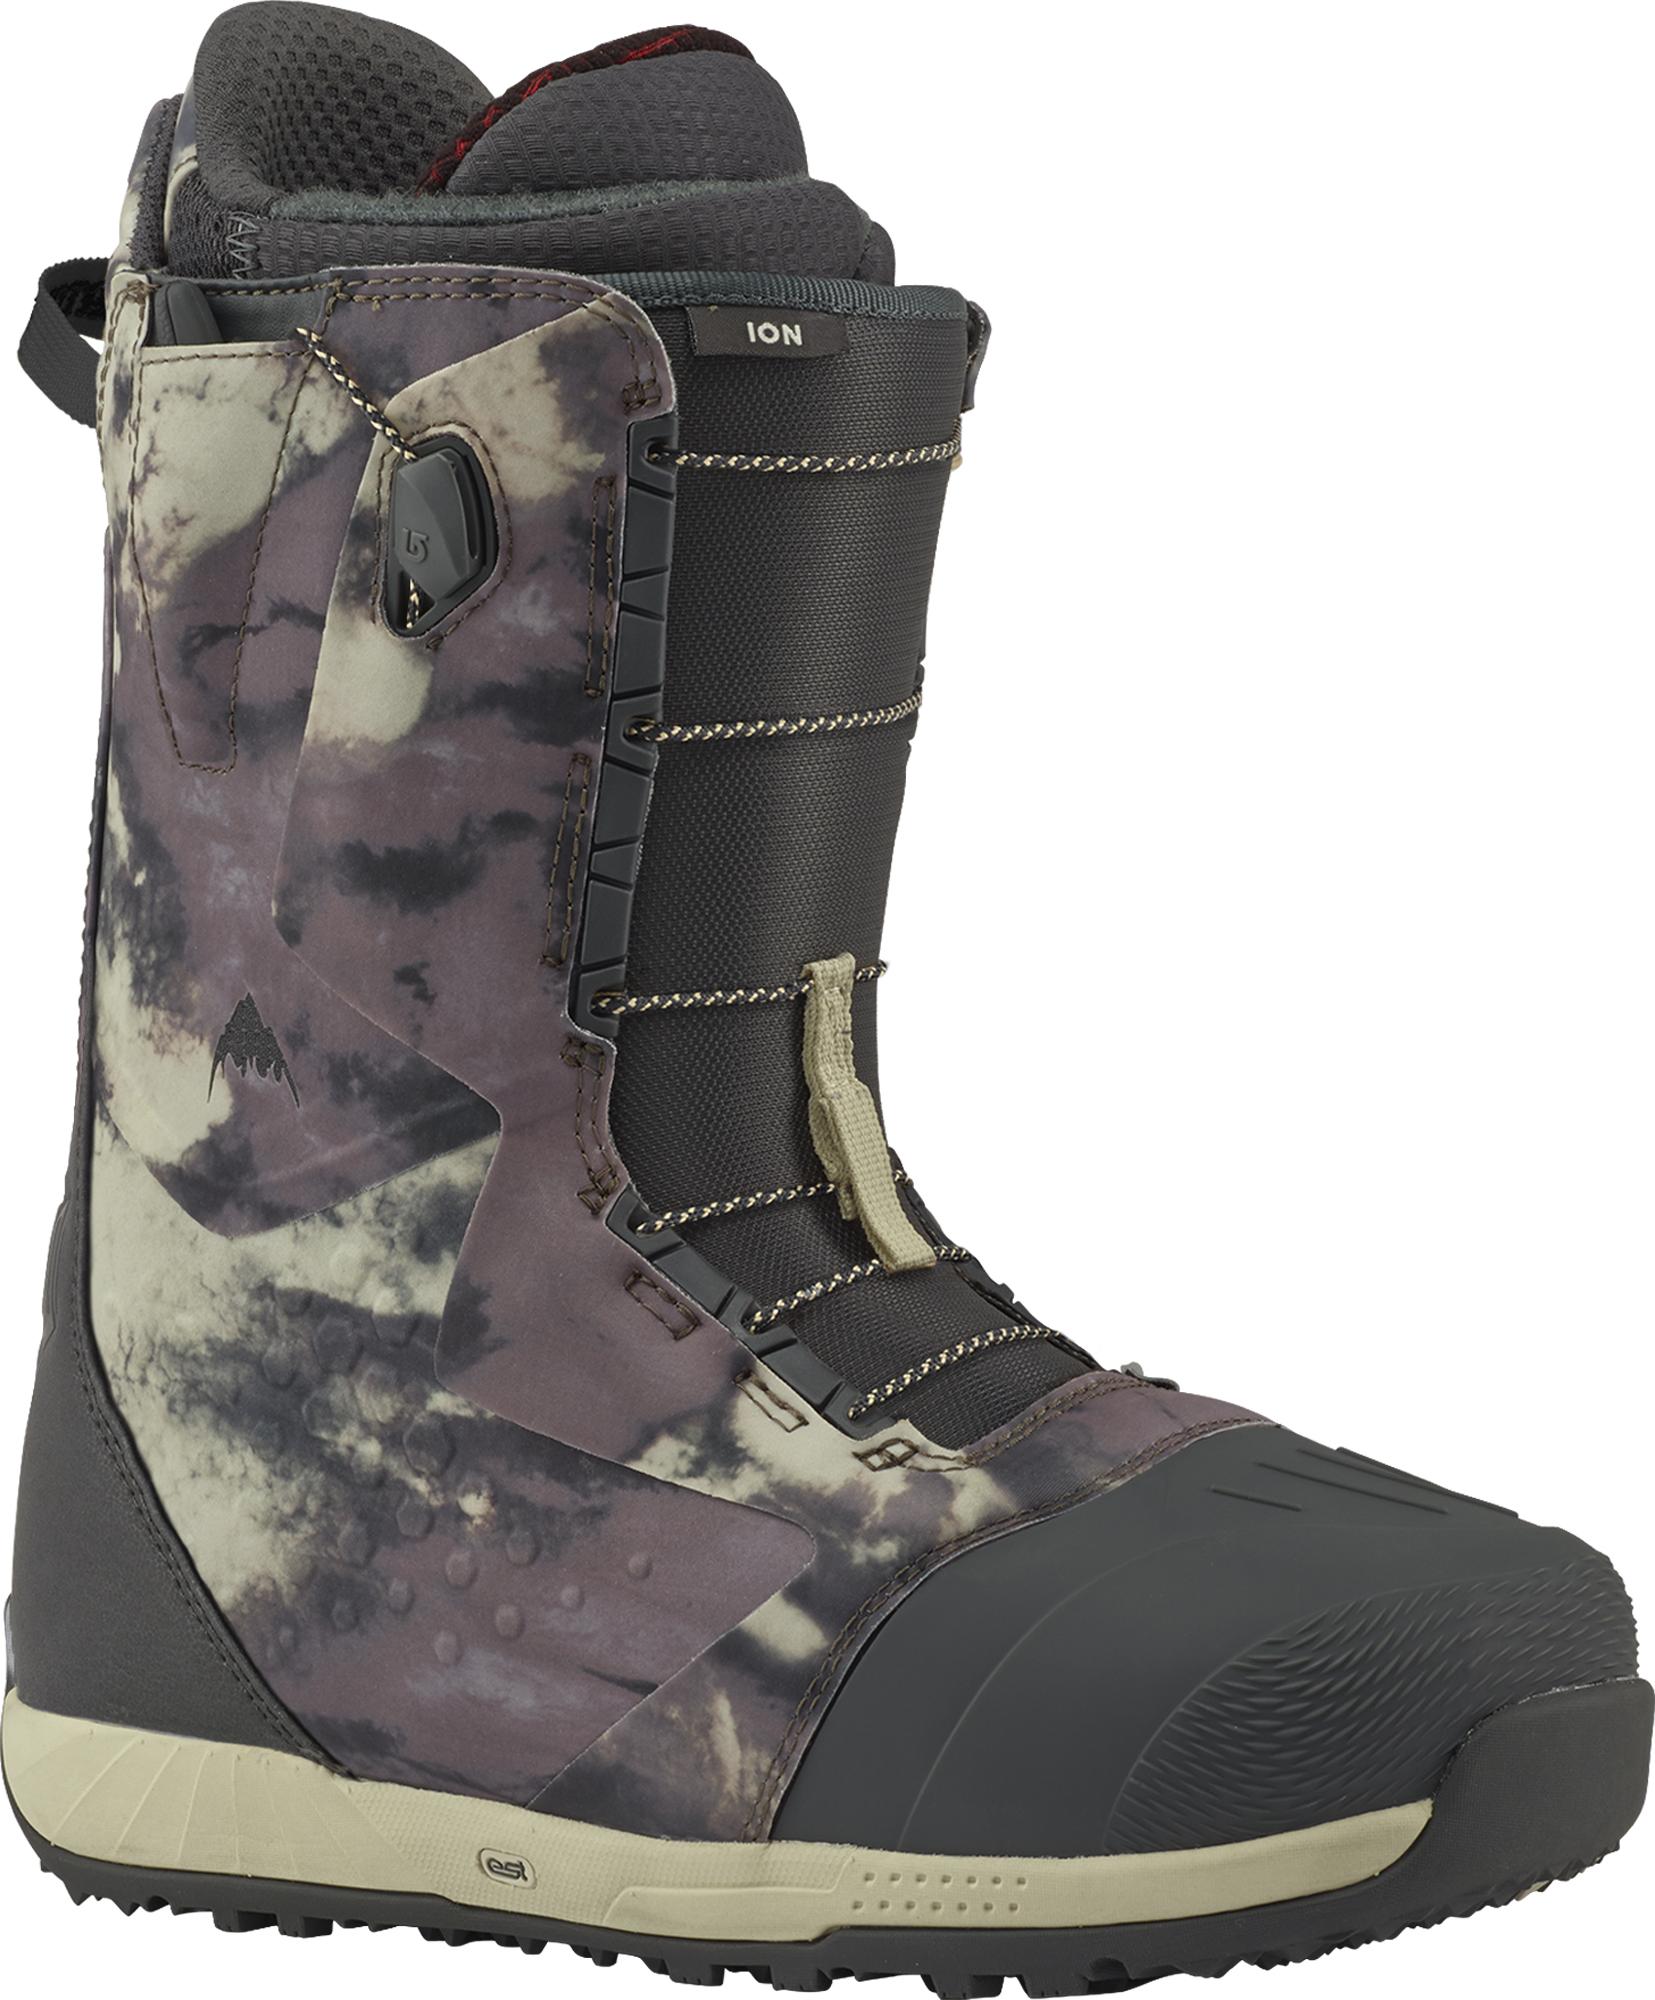 Burton Сноубордические ботинки Burton Ion, размер 44 сноубордические перчатки vermont